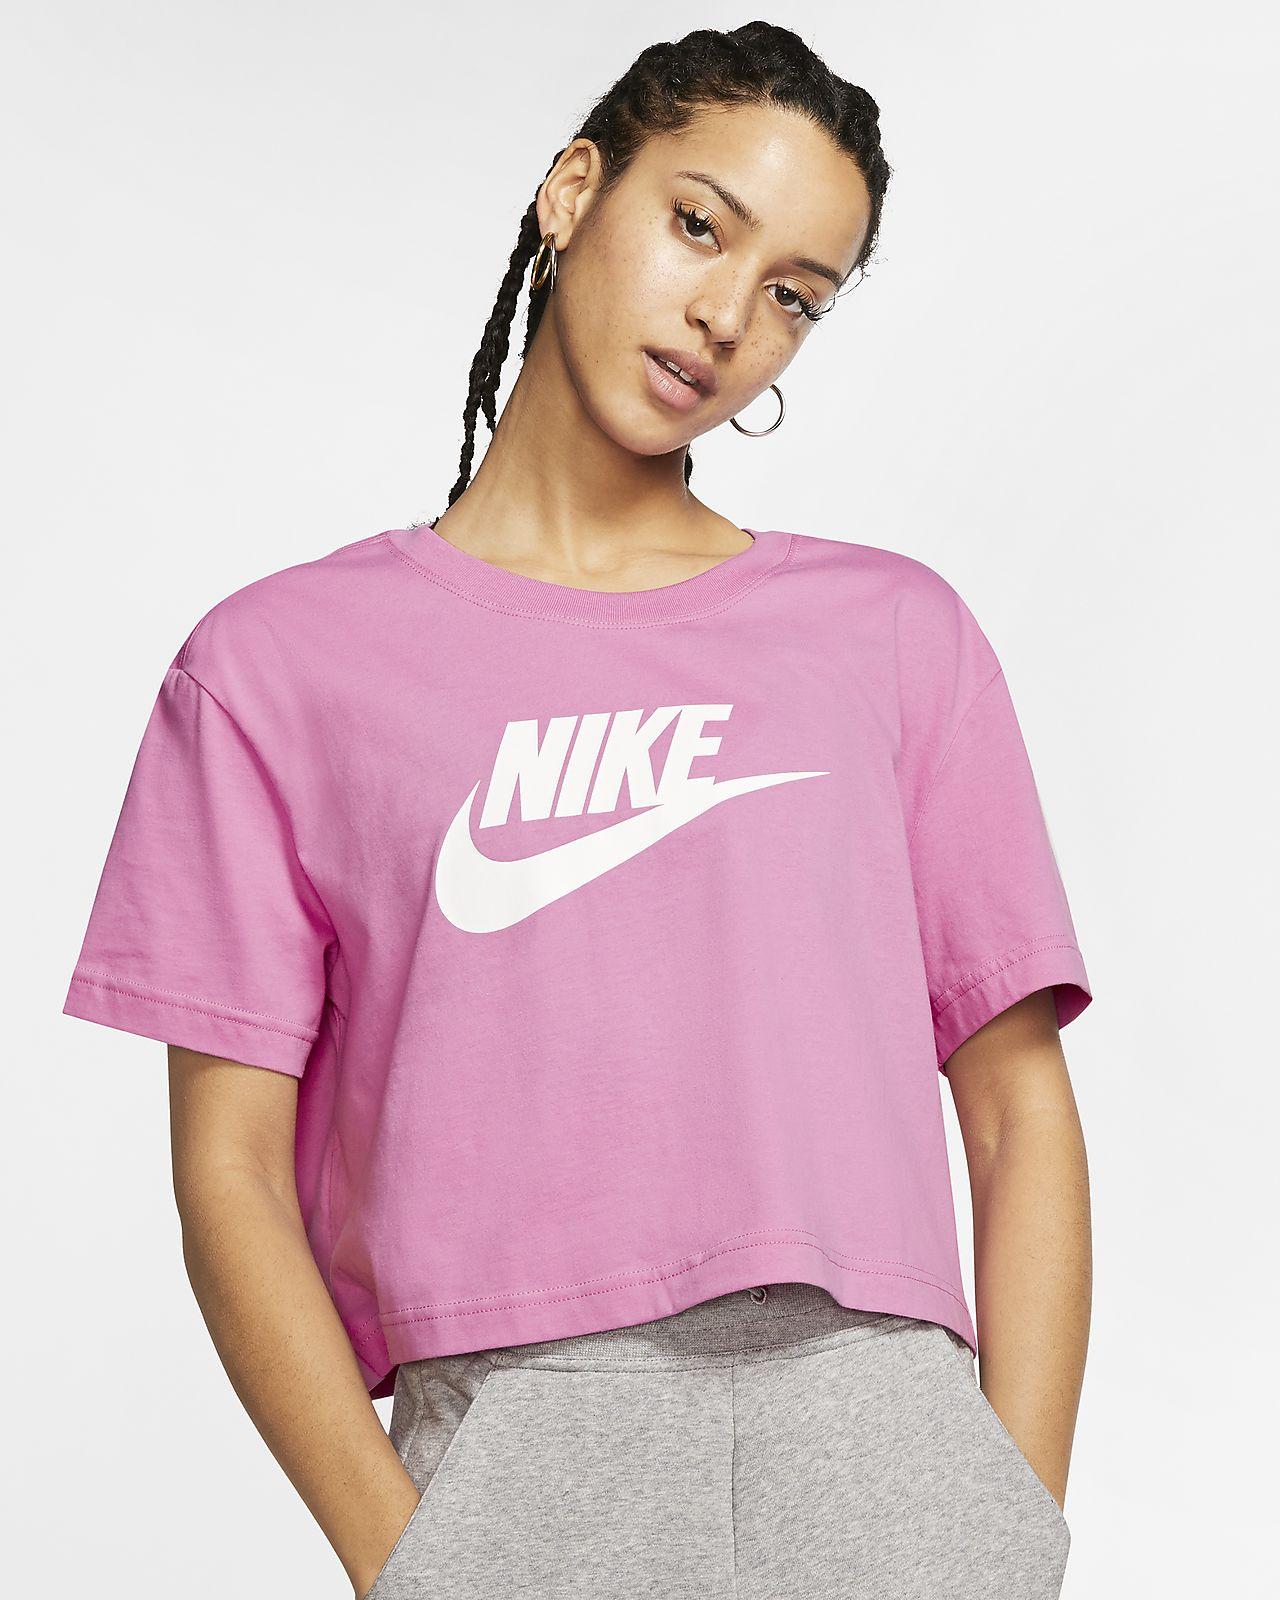 nike shirt women's